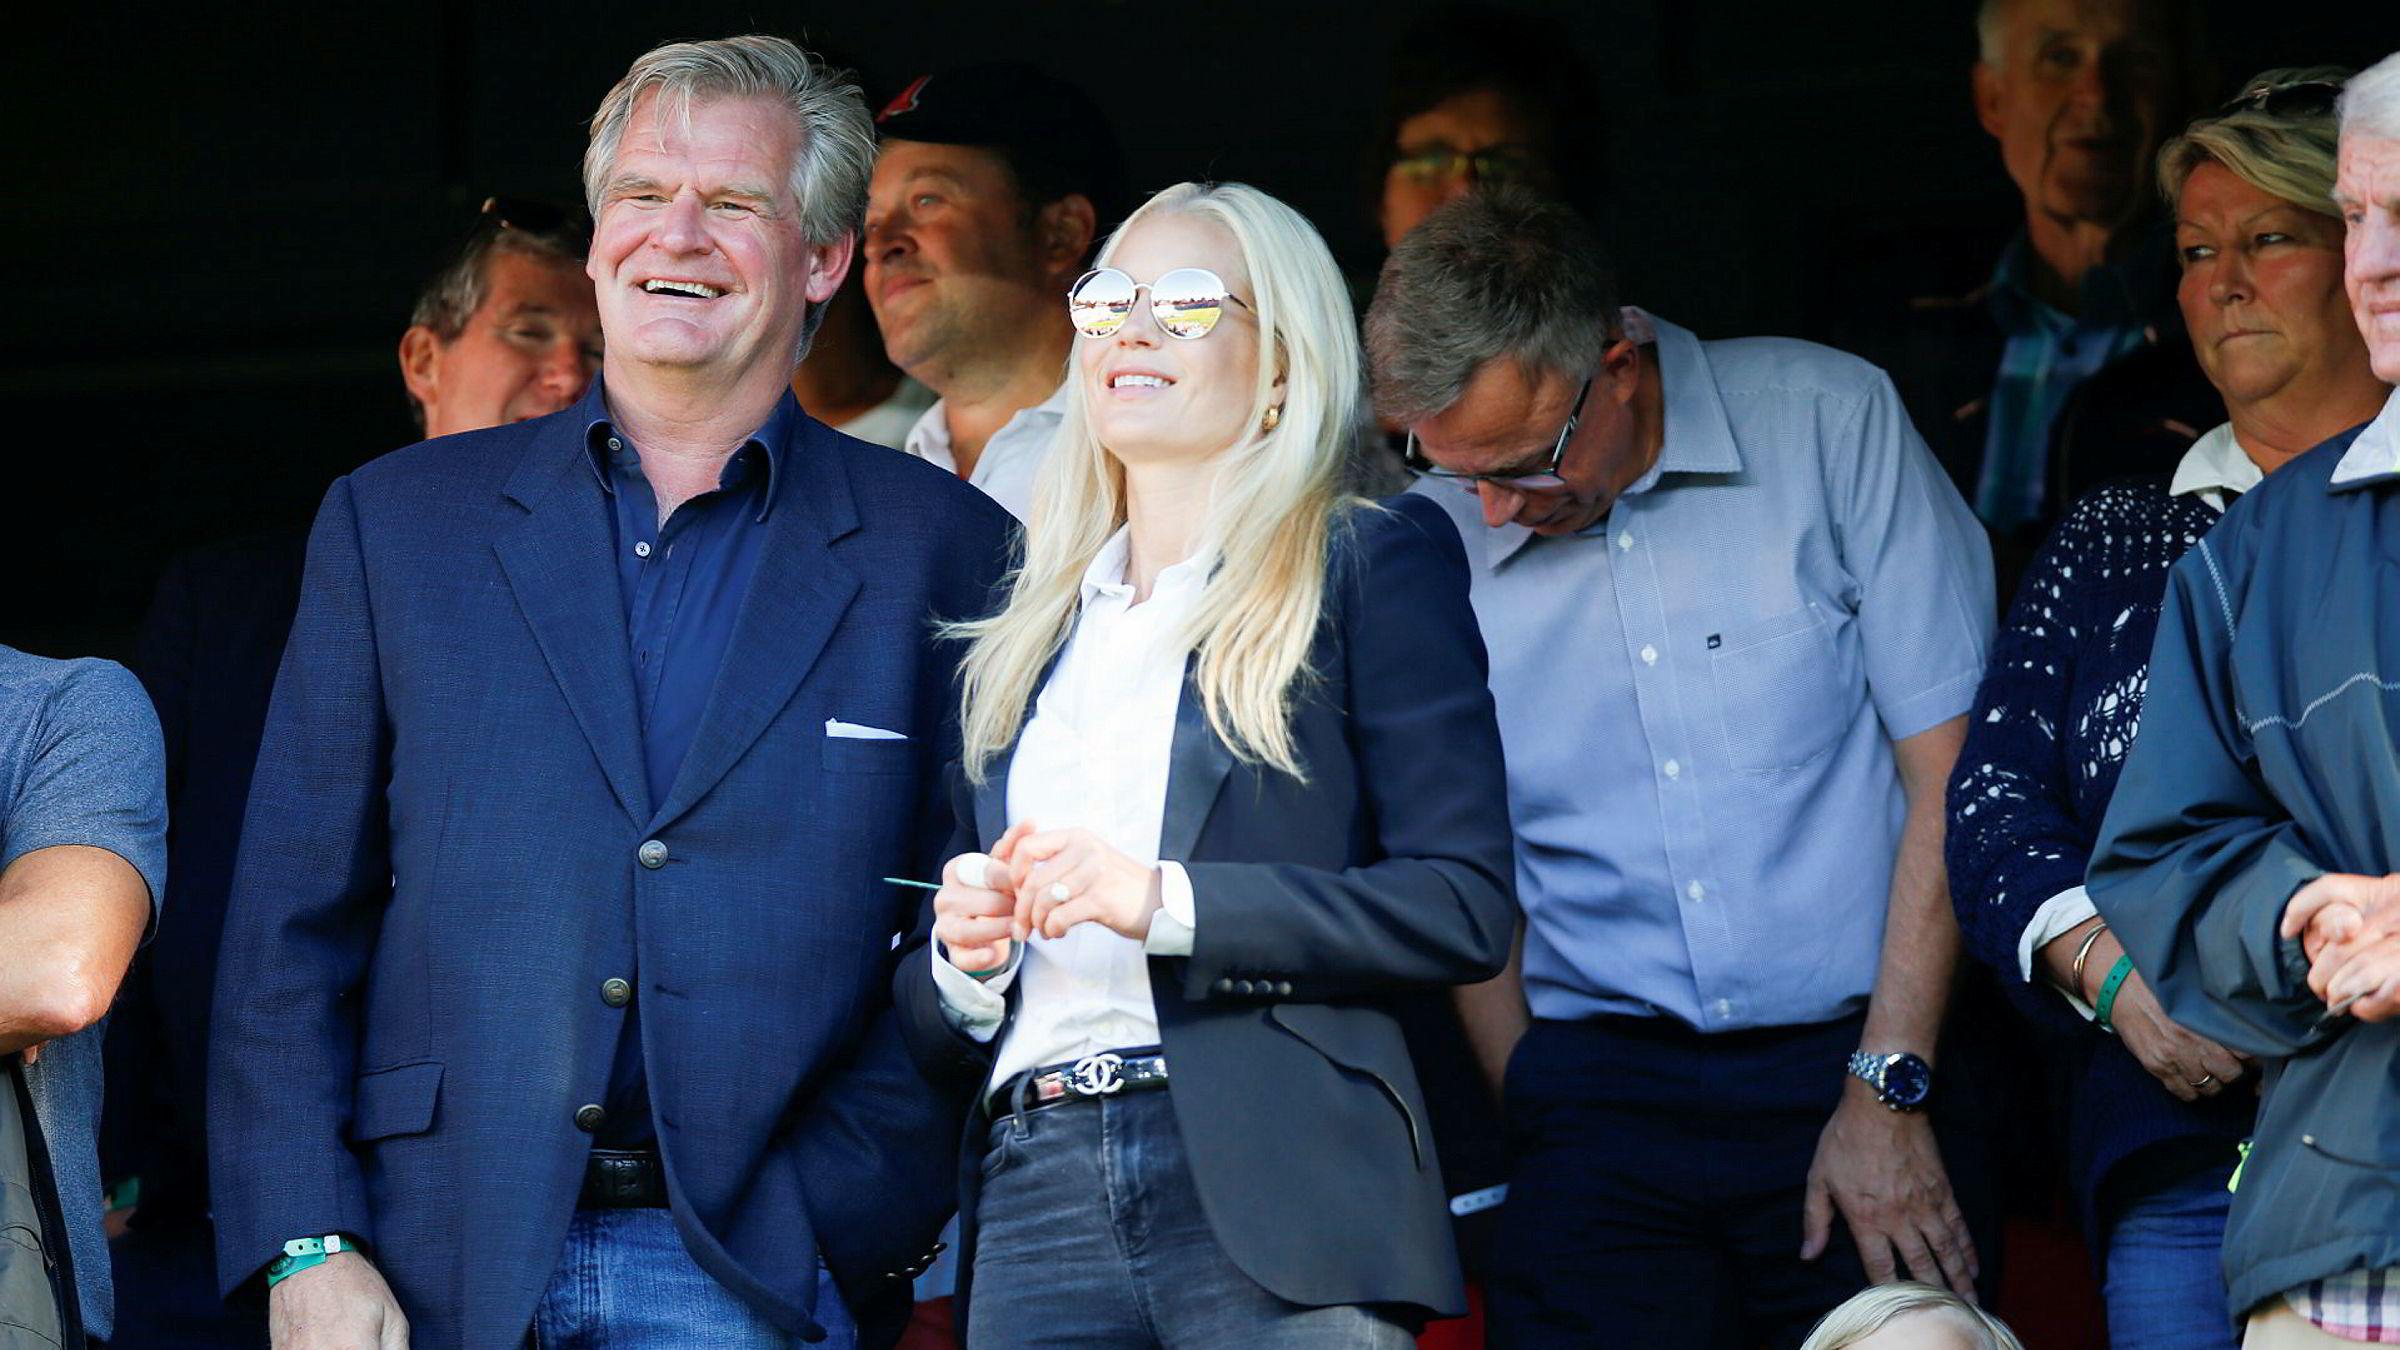 Tor Olav Trøim tror ikke John Fredriksen savner ham, men mener han gikk verdens beste skole hos sin tidligere sjef. Her på fotballkamp med Vålerenga og Celina Midelfart i fjor.